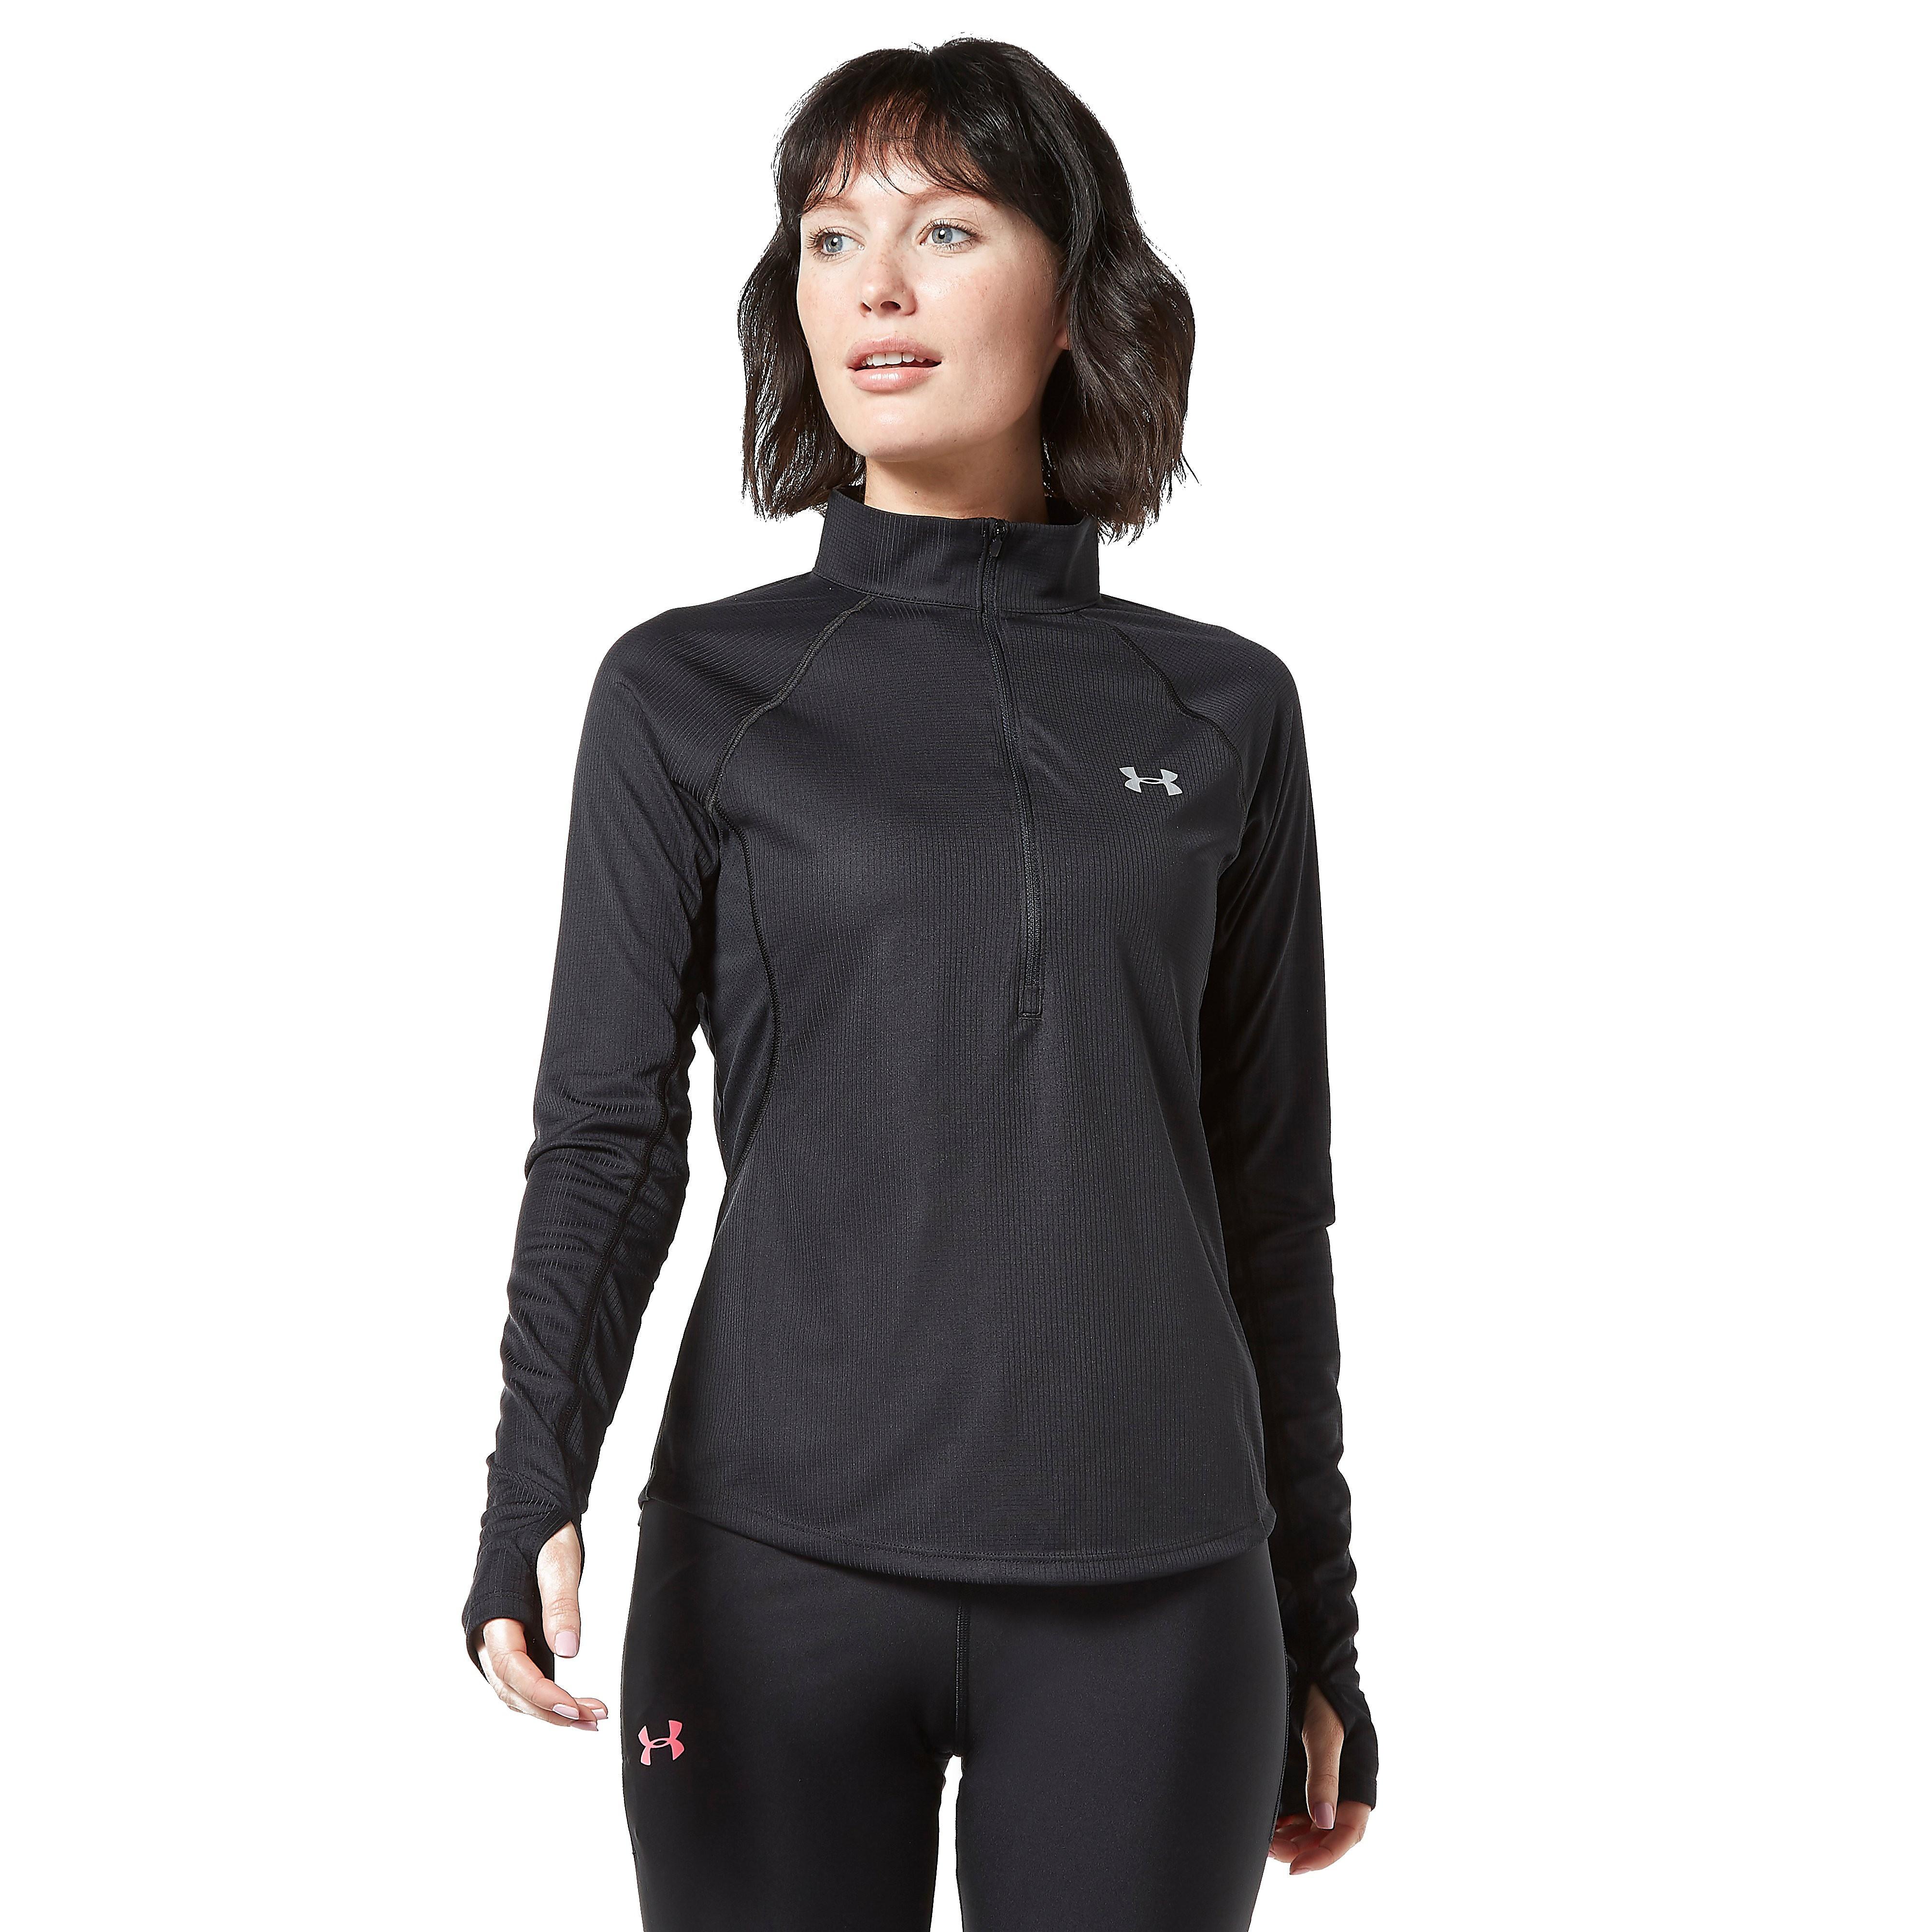 Womens Black Under Armour Speed Stride 1/2 Zip Running Top